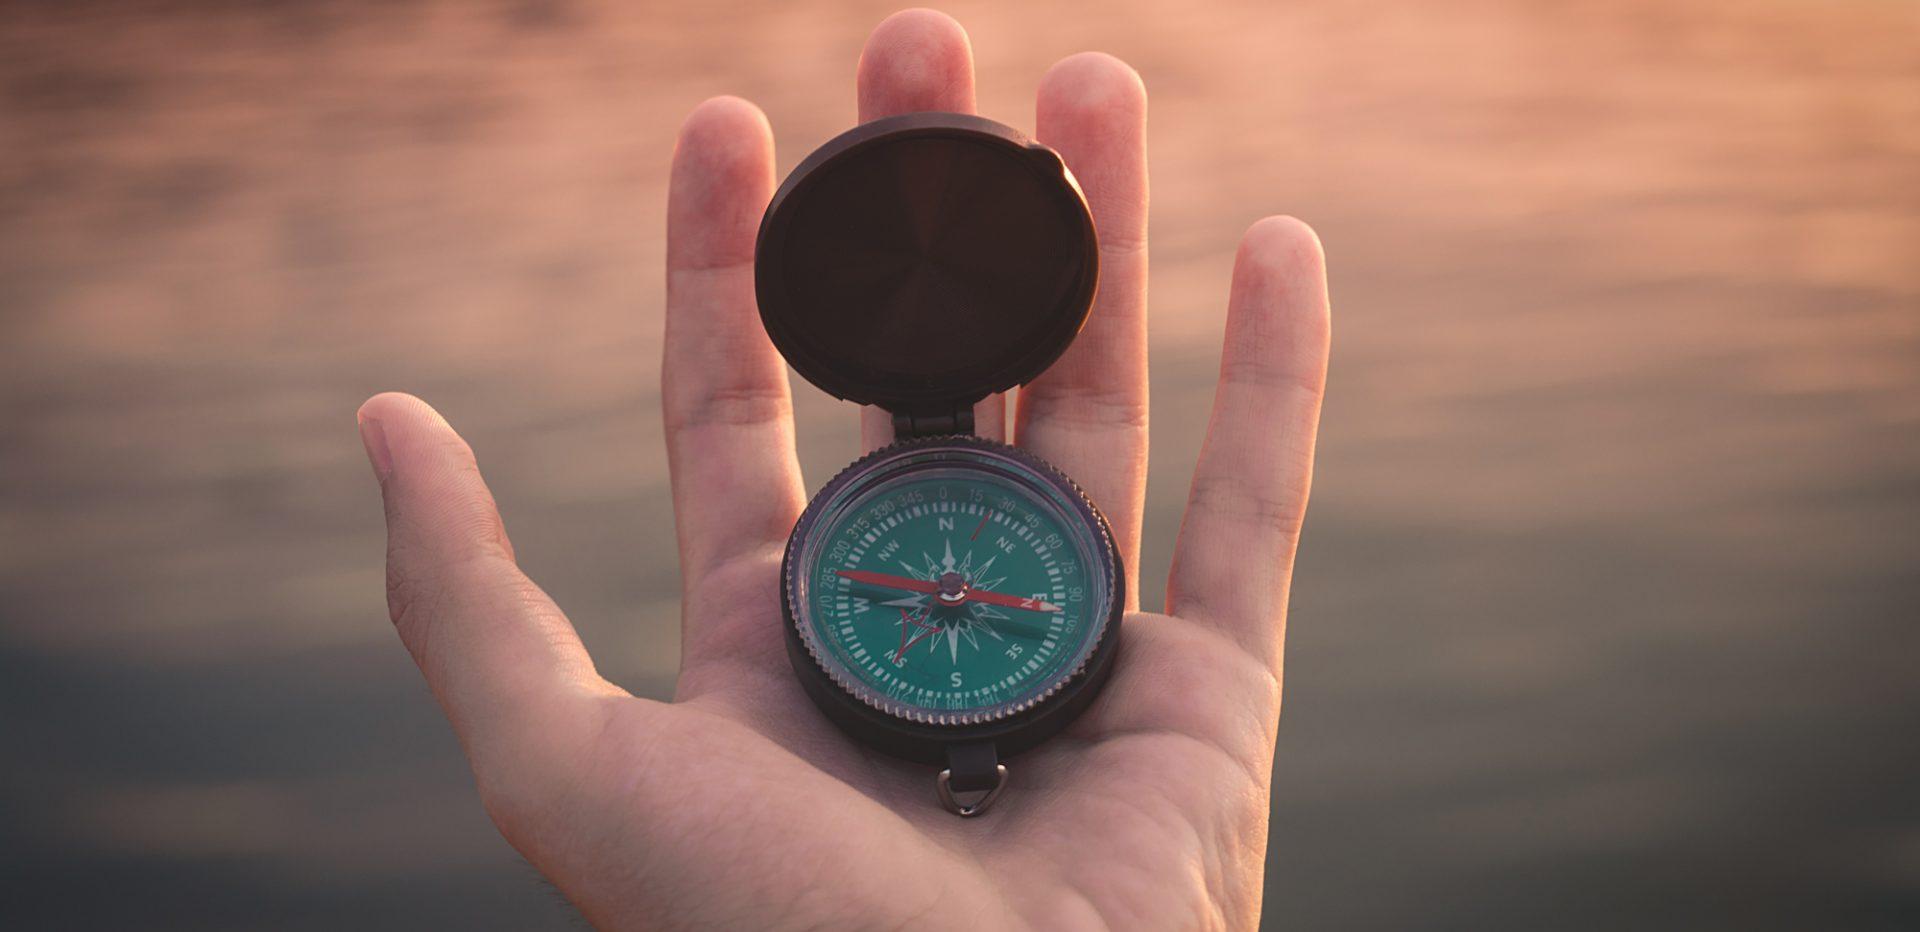 Et kompas i hånden